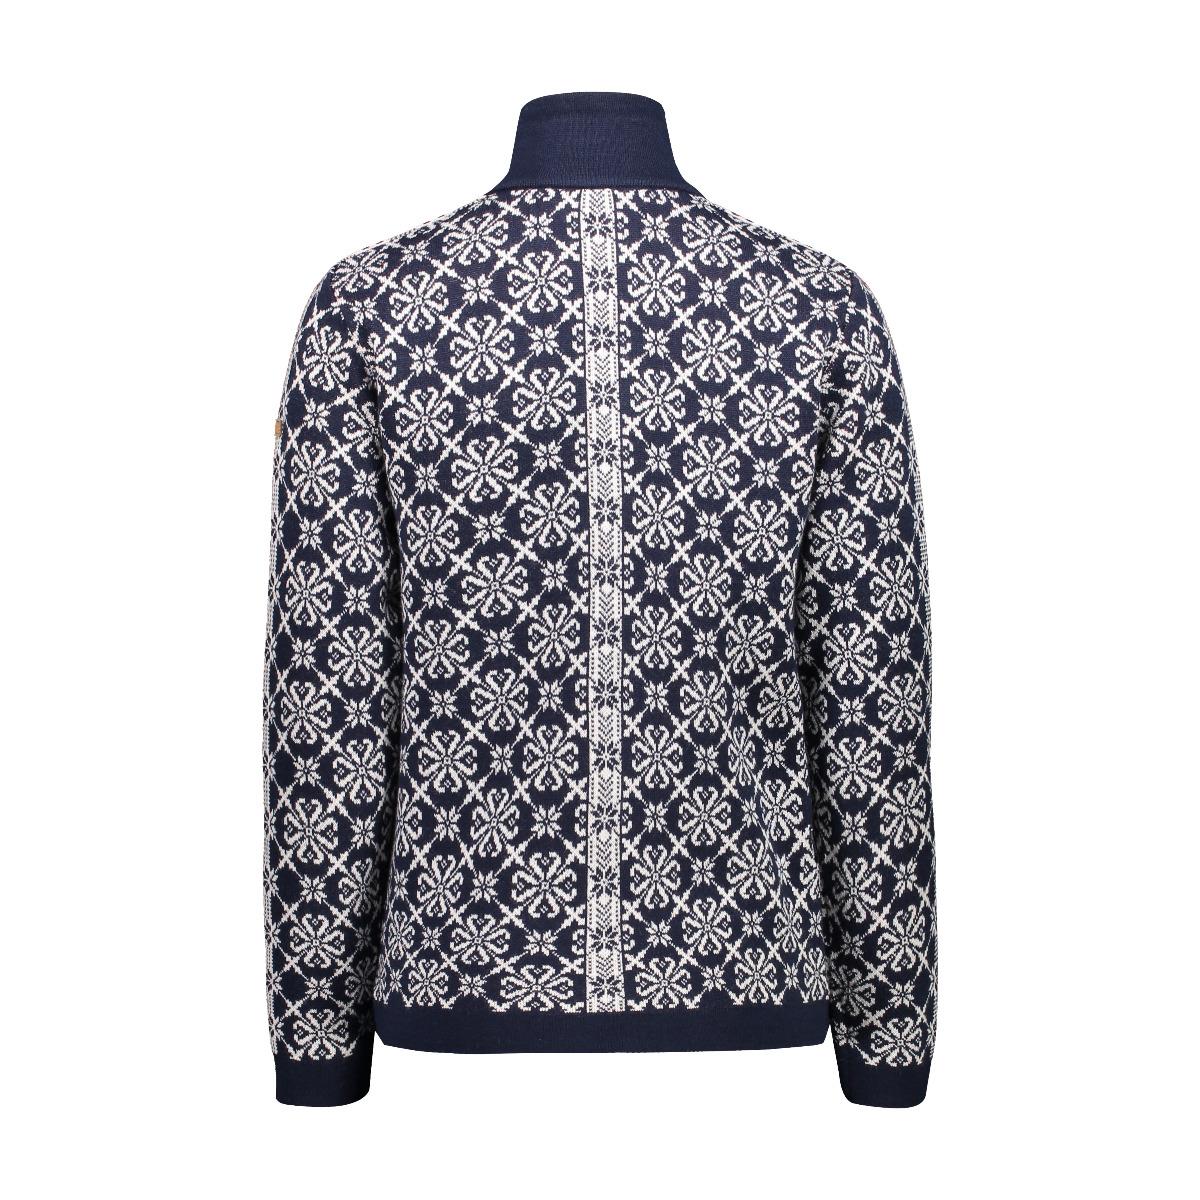 CMP Damen Strickjacke Knitted Pullover 7H26005 dunkelblau